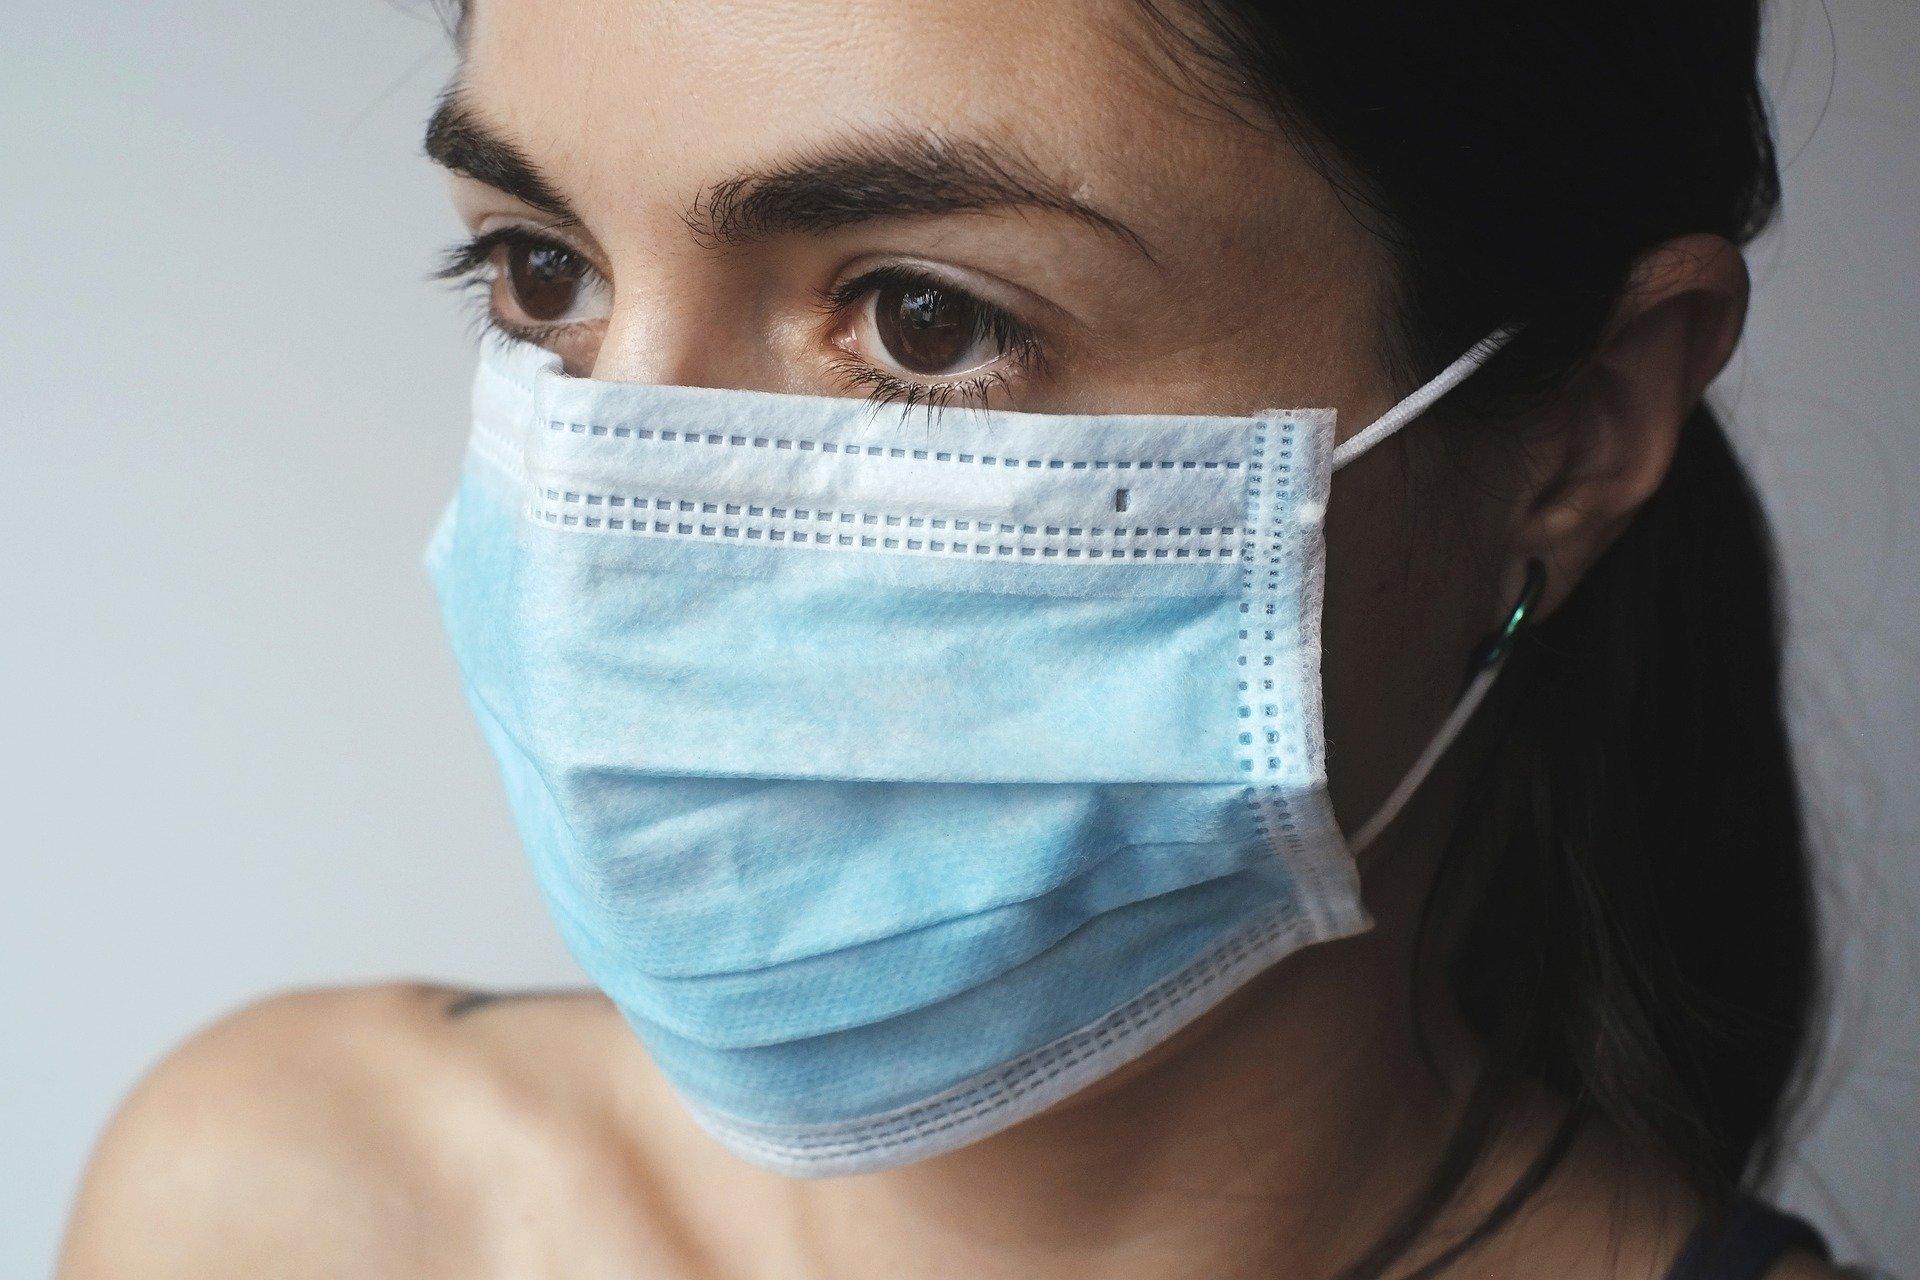 Эта маска вызывает рак легких